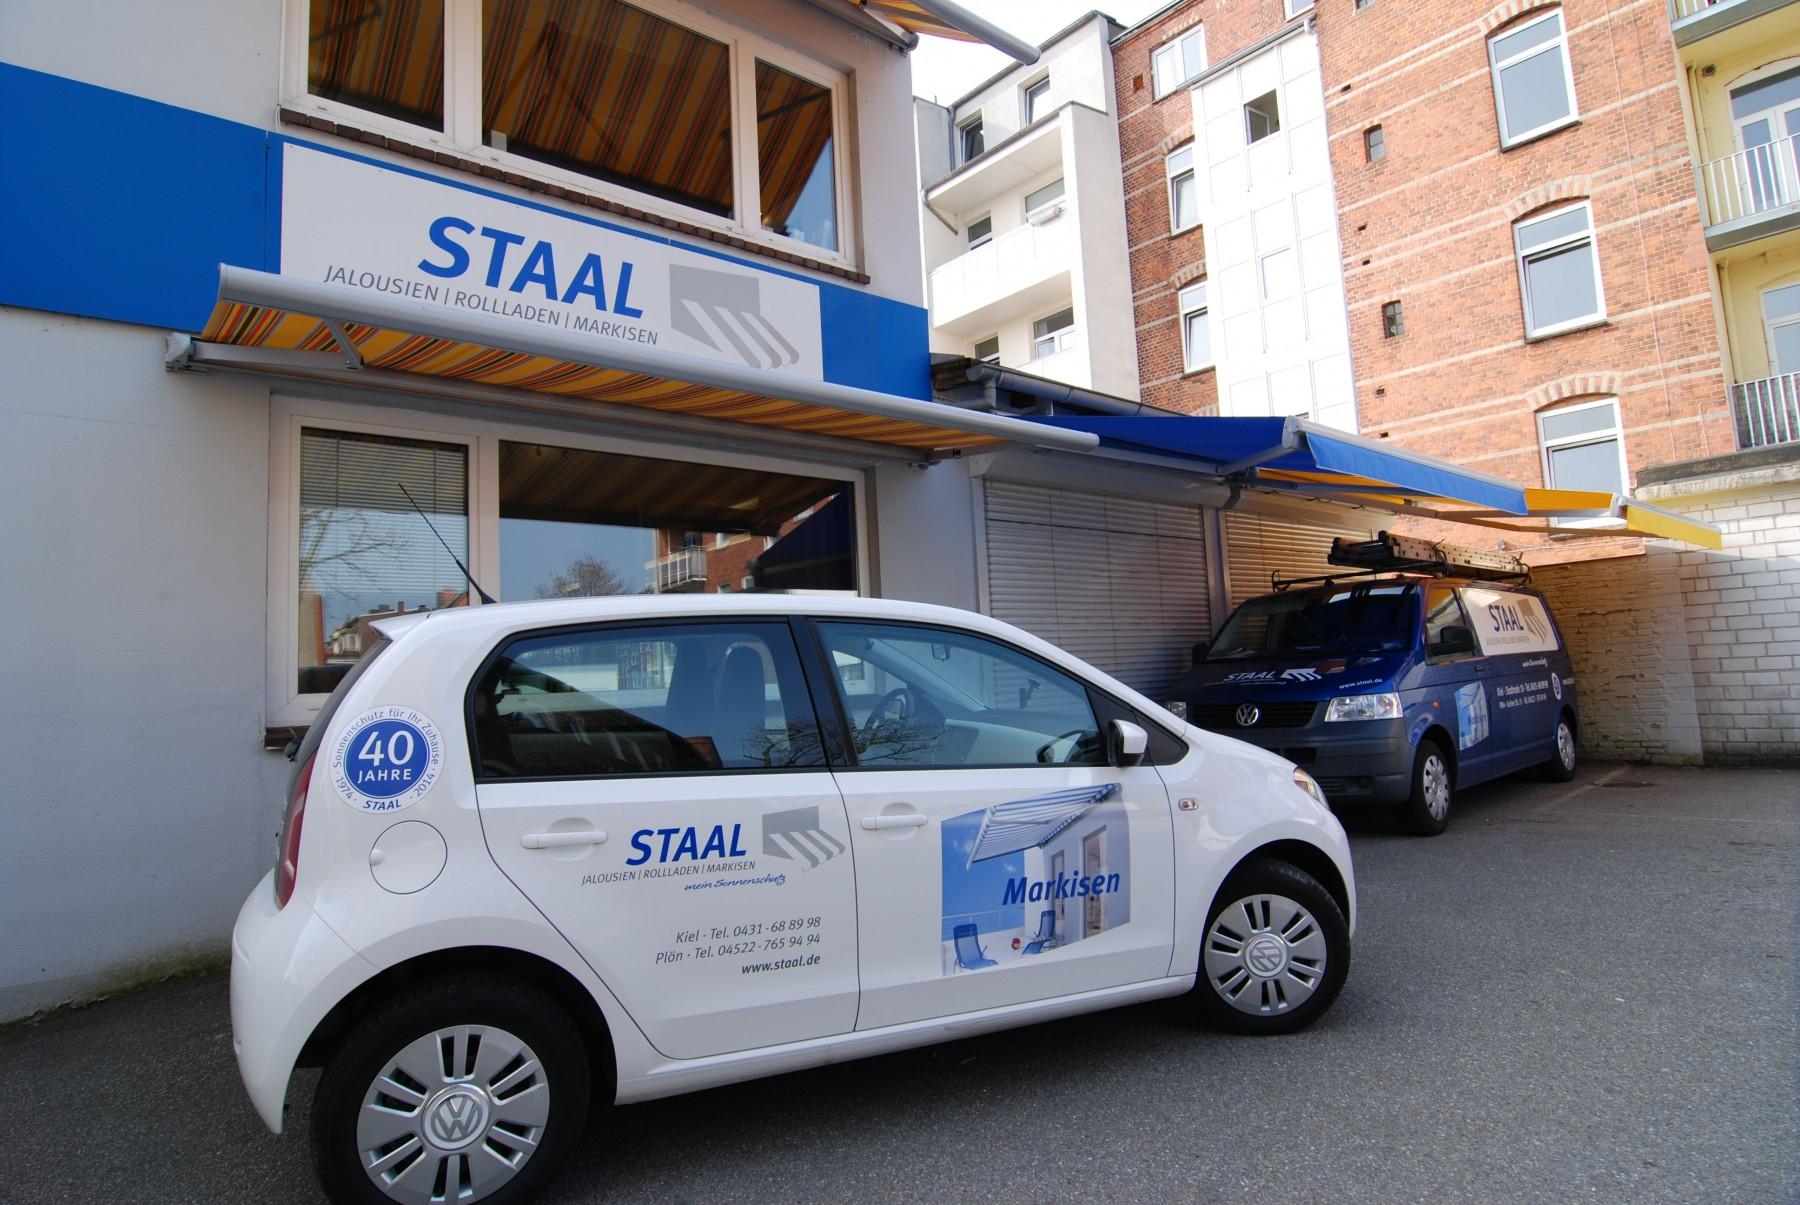 Markisen, Rollladen- Und Vordach Ausstellung Von Staal In Kiel